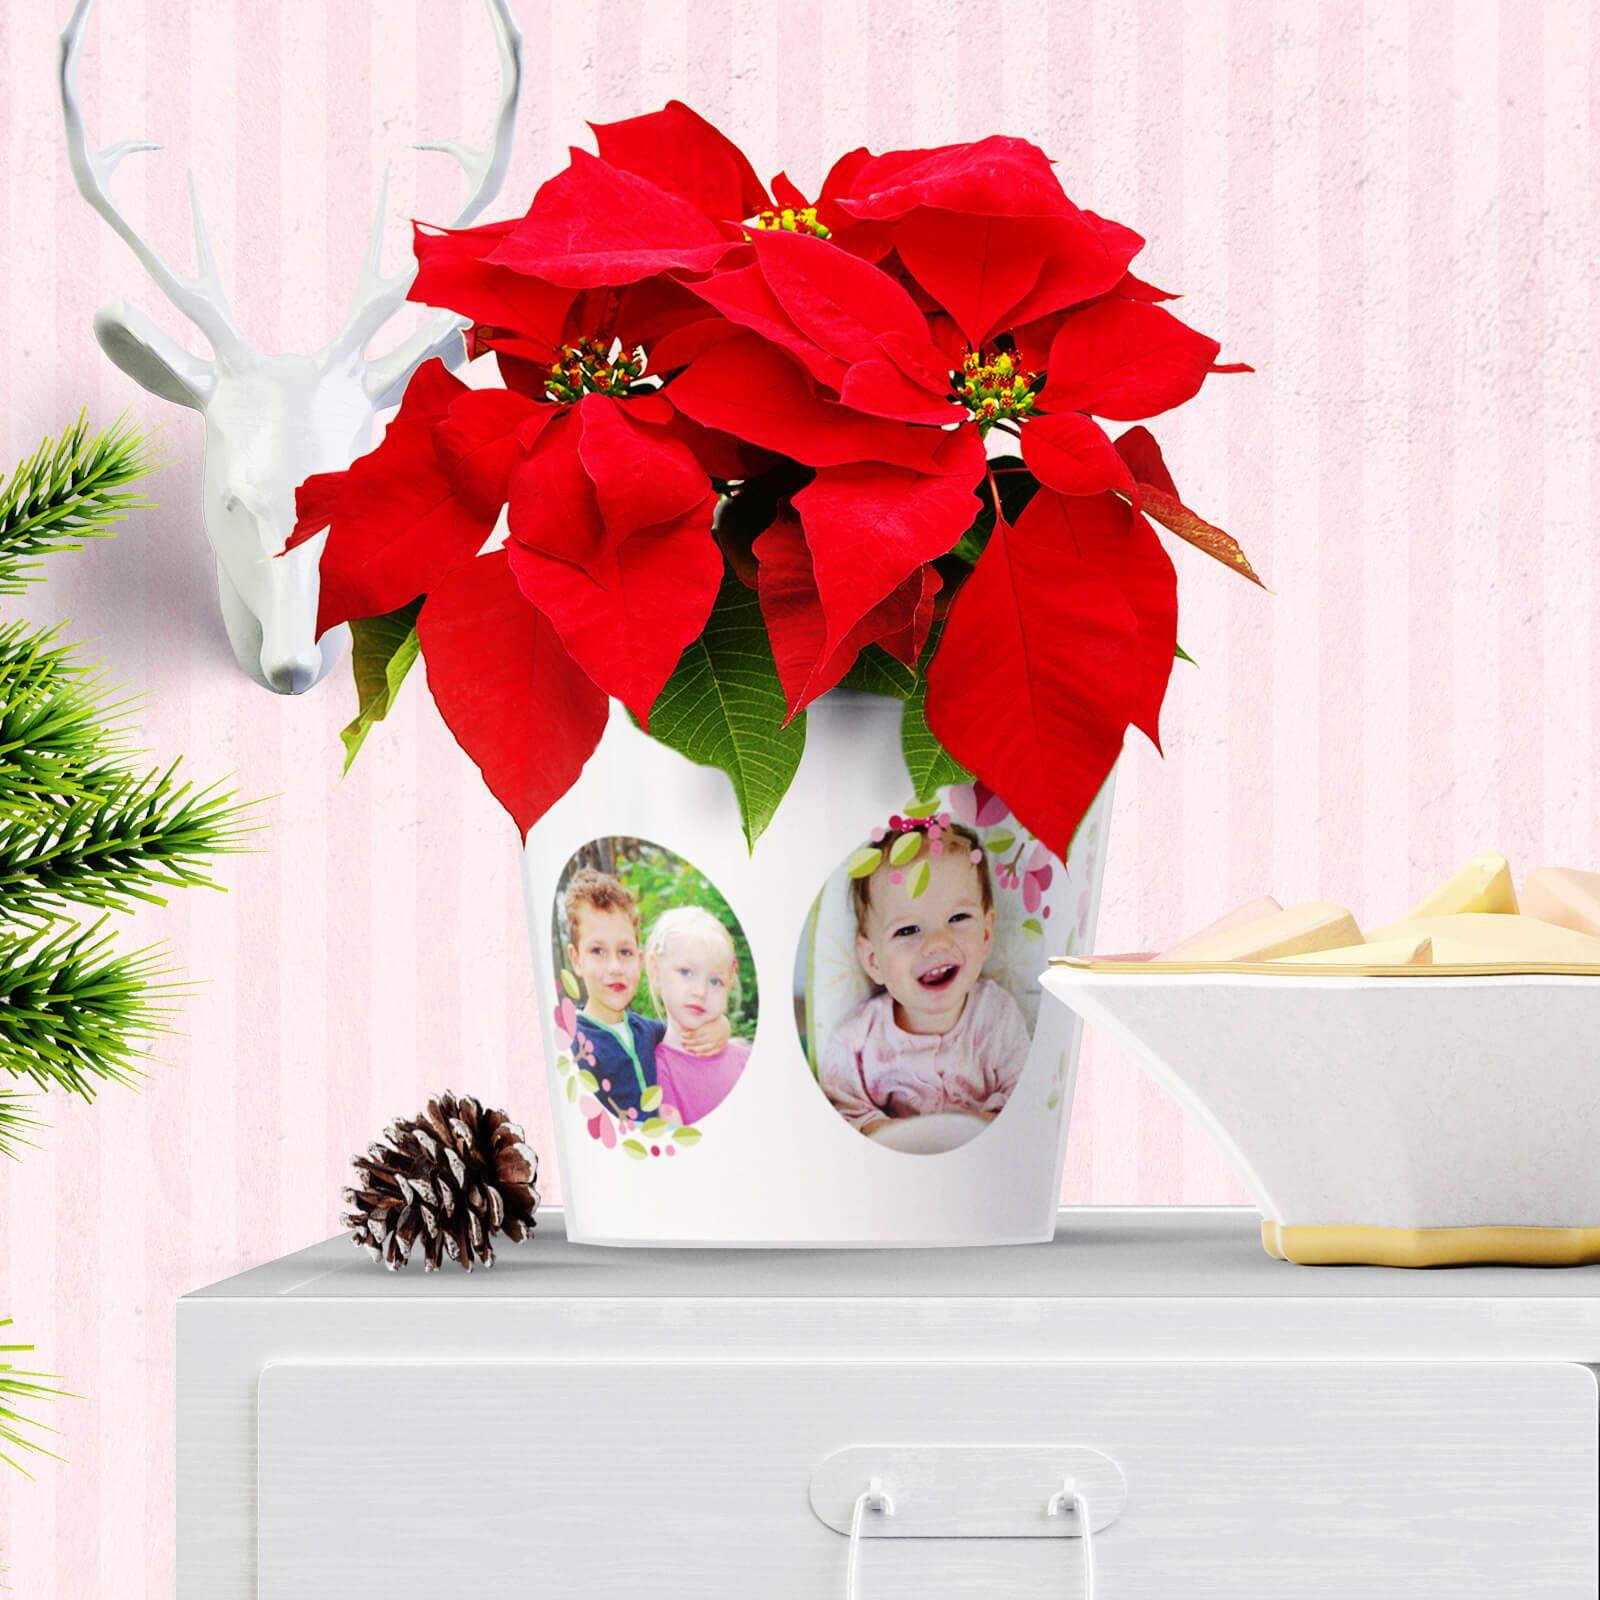 Für die beste Mama 🎅🎄 Geschenke für Mutter zu Weihnachten ...